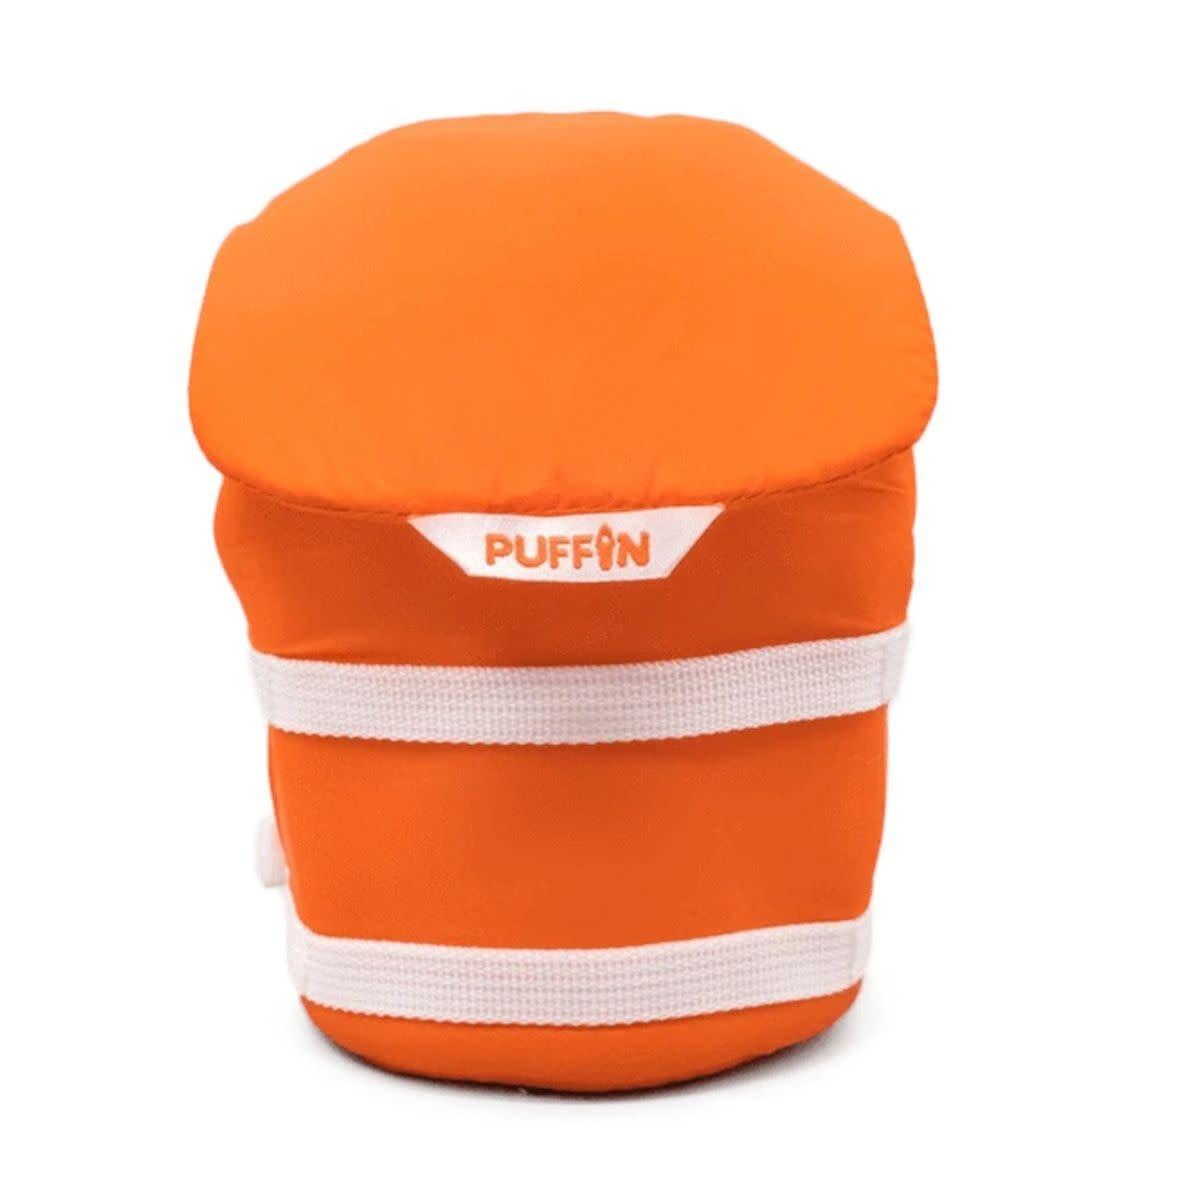 Puffin Beverage Life Vest Vintage Orange-4